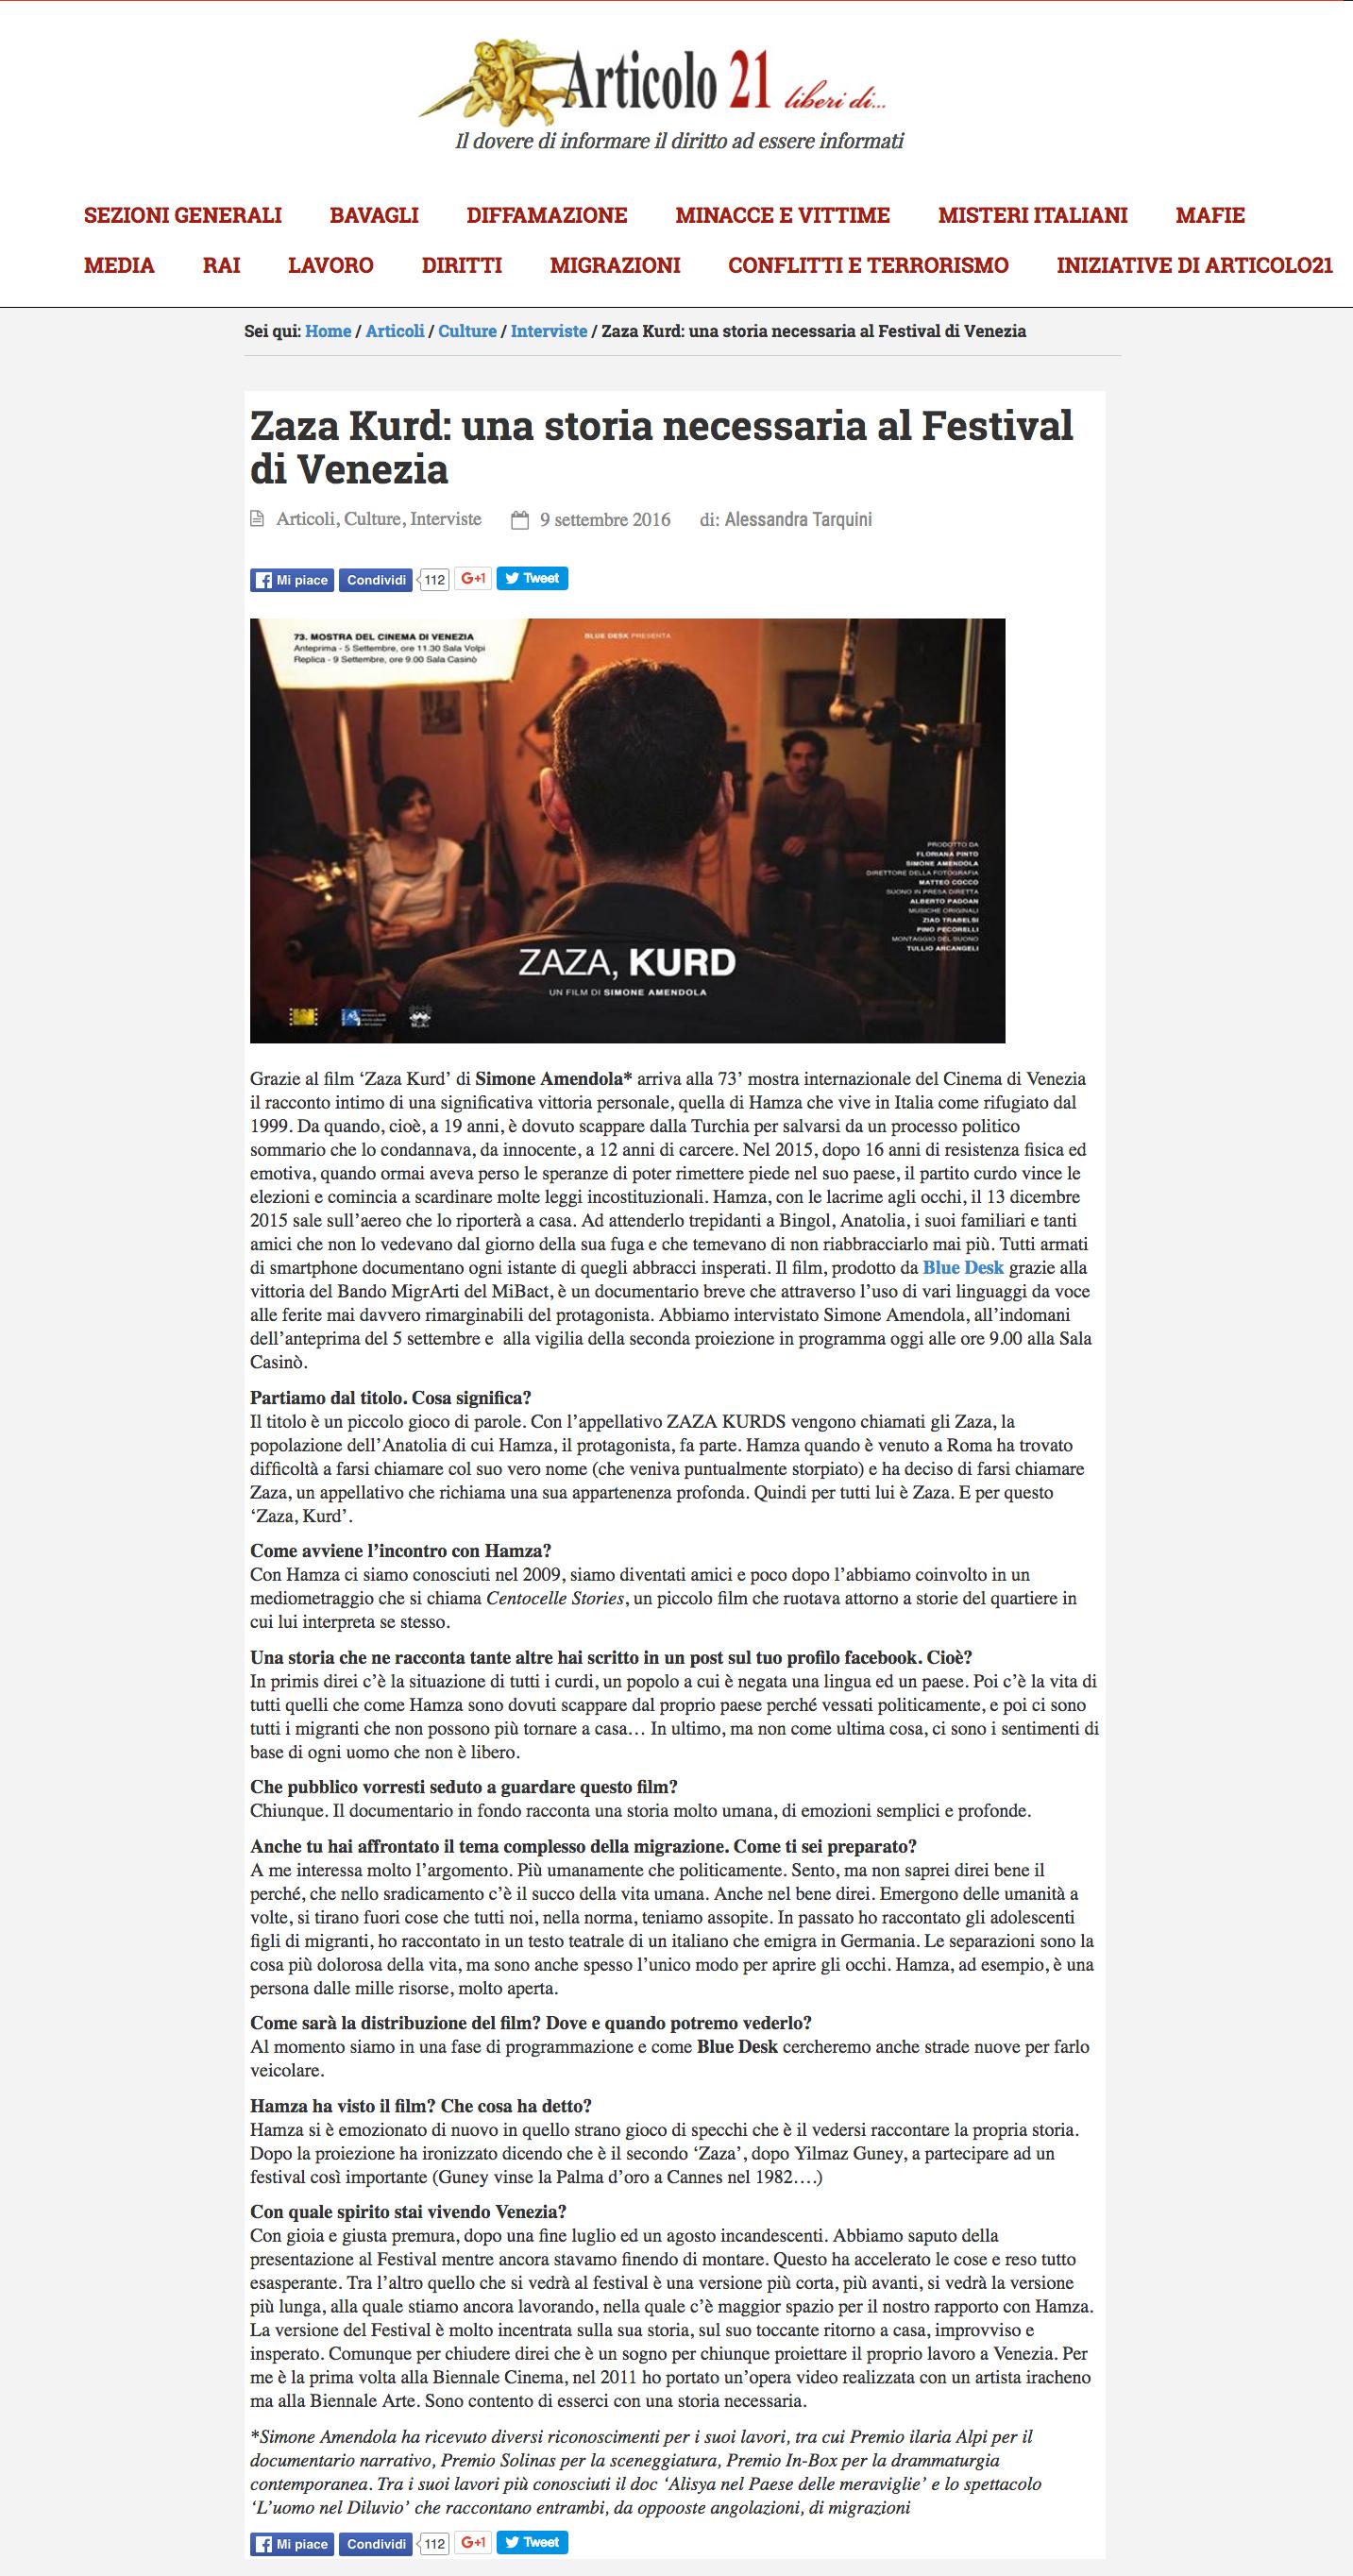 ZAZA-KURD_ARTICOLO-21